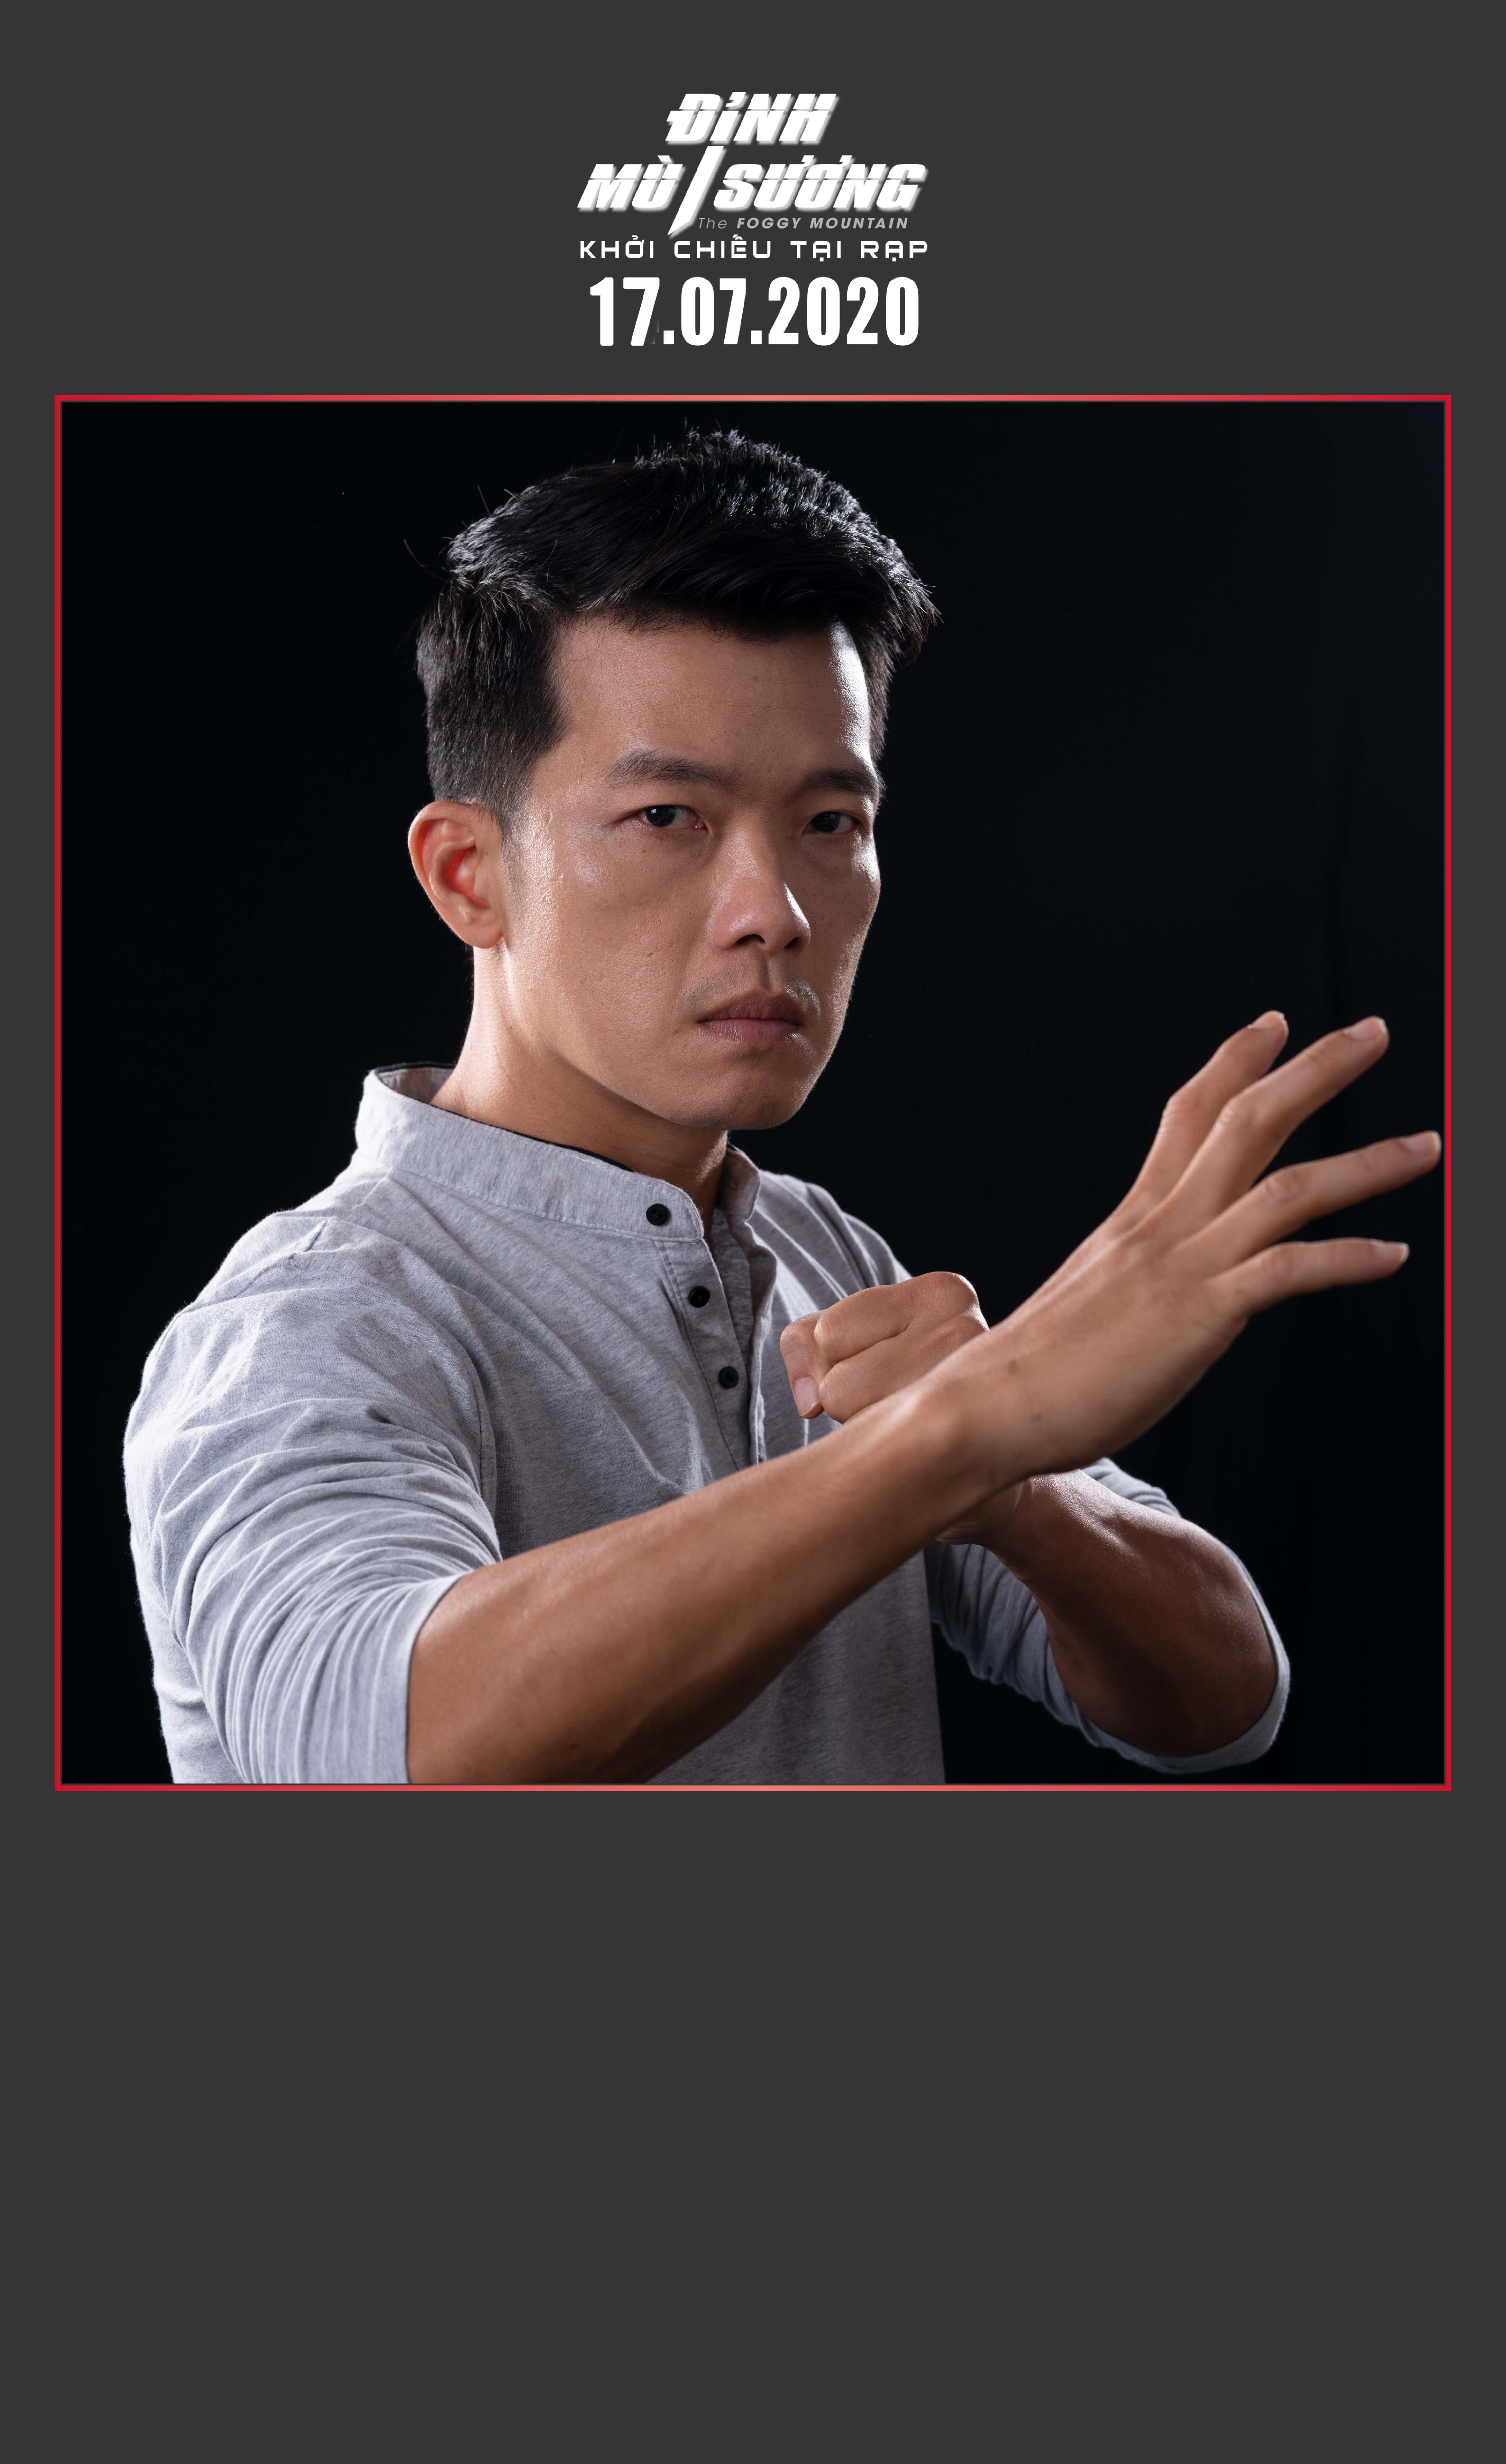 Peter Phạm - nam chính đối đầu với ngôi sao võ thuật châu Á Trương Đình Hoàng và Simon Kook trong 'Đình mù sương' là ai? 0